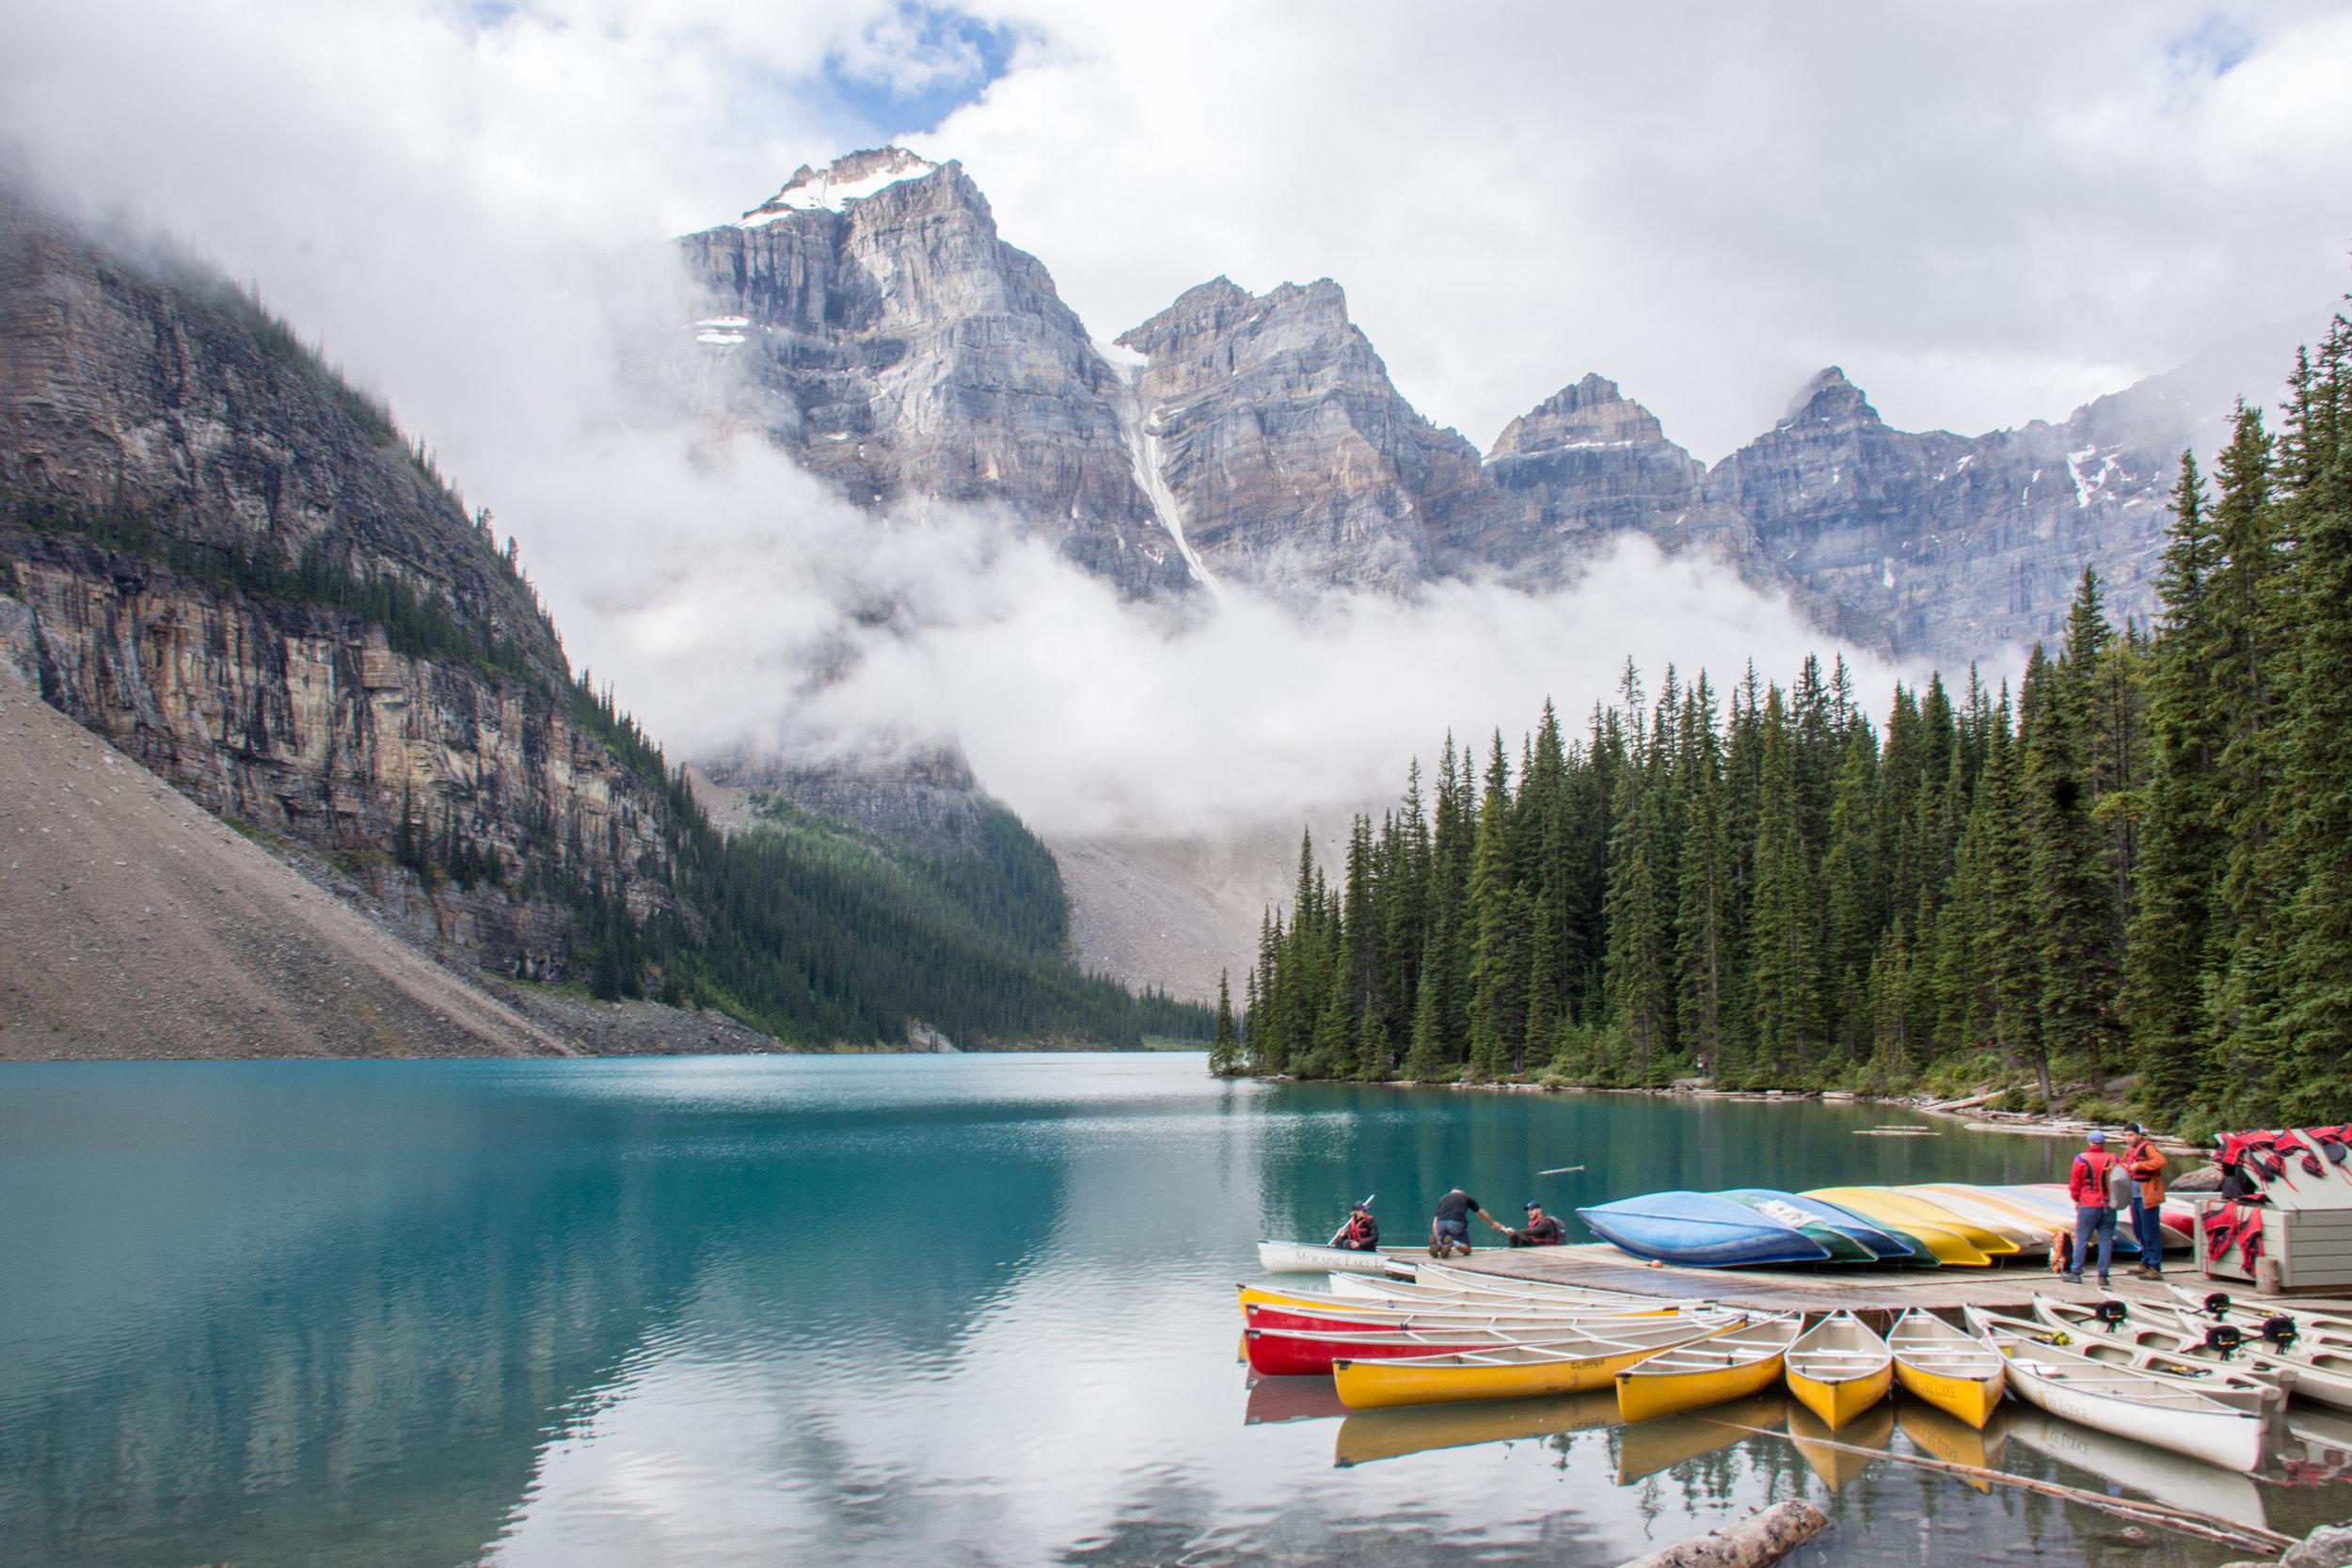 Calgary-Canmore-Banff - Todo depende cuál sea tu punto de llegada y salida o si deseas hacer una ruta redonda, aunque recomendamos que sea Calgary o Vancouver. Si llegas a Calgary te recomendamos pasar 1 a 2 días en la ciudad y explorarla. Aquí puedes rentar un auto y dirigirte a Banff. Allí no puedes dejar de visitar los famosos Lake Moraine, Lake Louise, Johnston Canyon y subir al teleférico con vista a las montañas y a la ciudad. Si quieres ahorrar en hospedaje puedes considerar quedarte en Canmore, a uno pocos minutos de Banff y con precios más accesibles. No olvides tomar la ruta de Minnewanka Loop y si eres aventurero y quieres ver una de las vistas más impresionantes que verás en tu vida haz una excursión hacia el Mount Assiniboine, quedarás sin aliento.